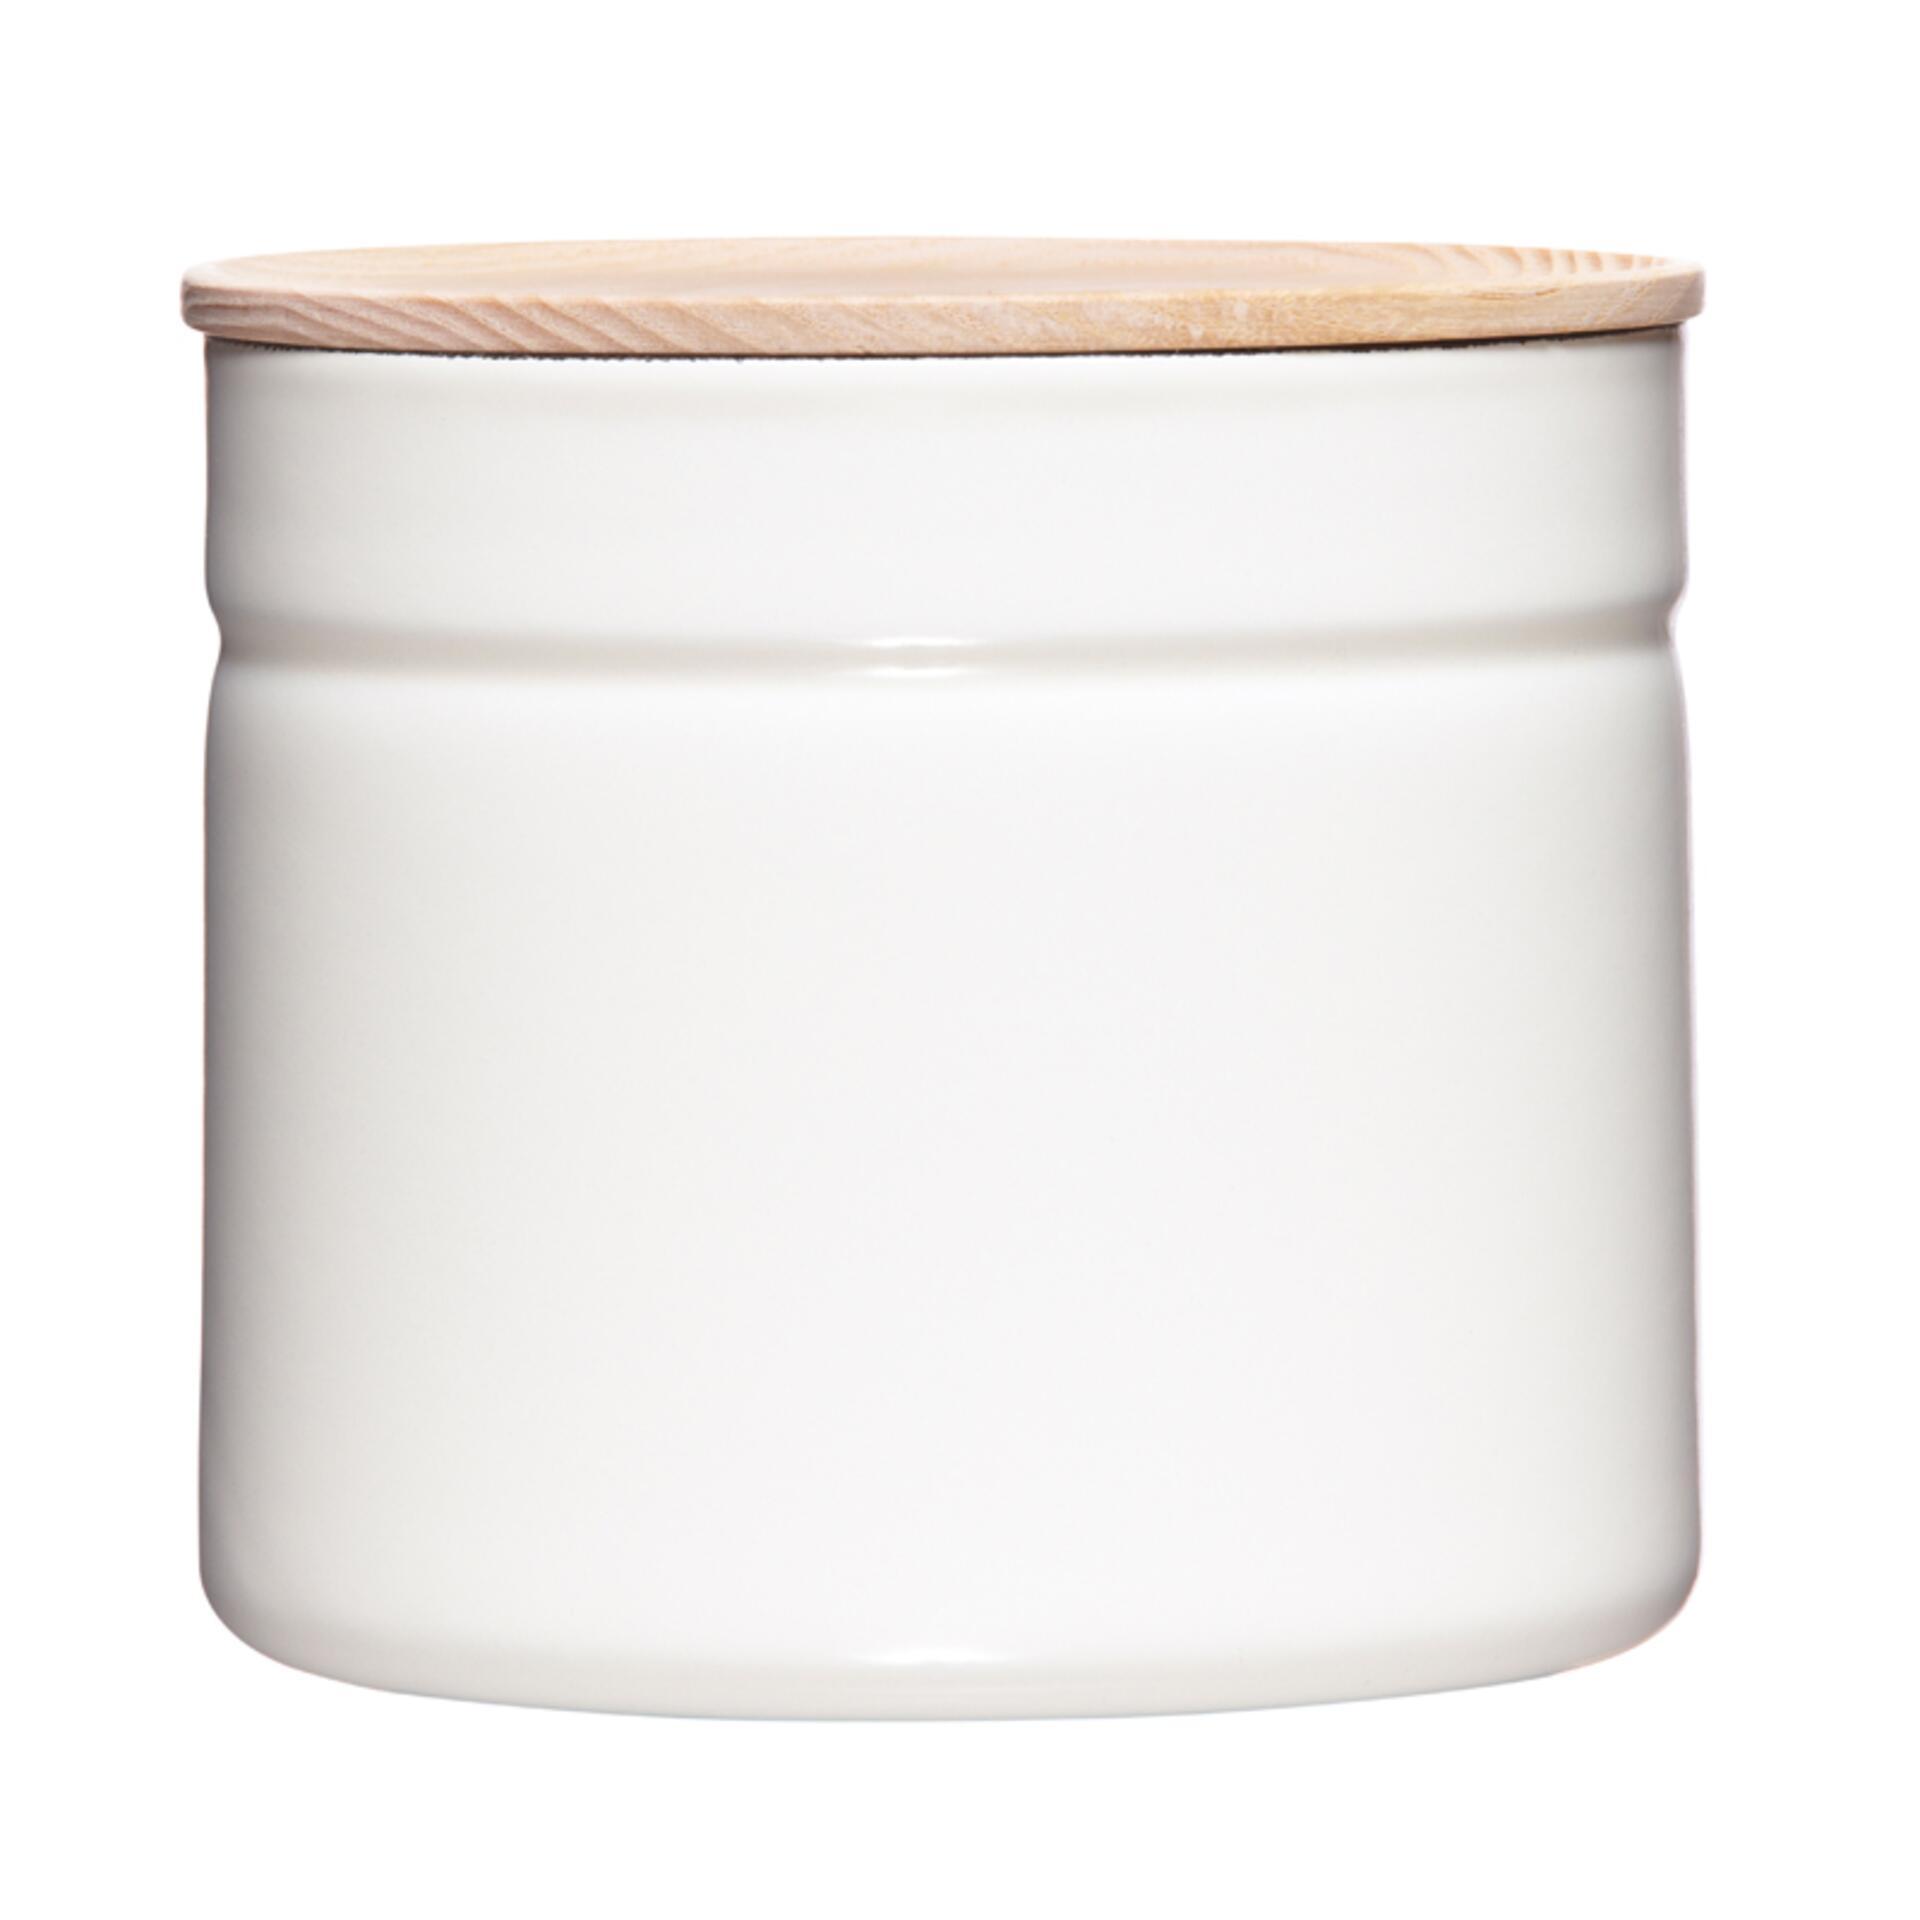 Riess Vorratsdose 1350 ml Weiß